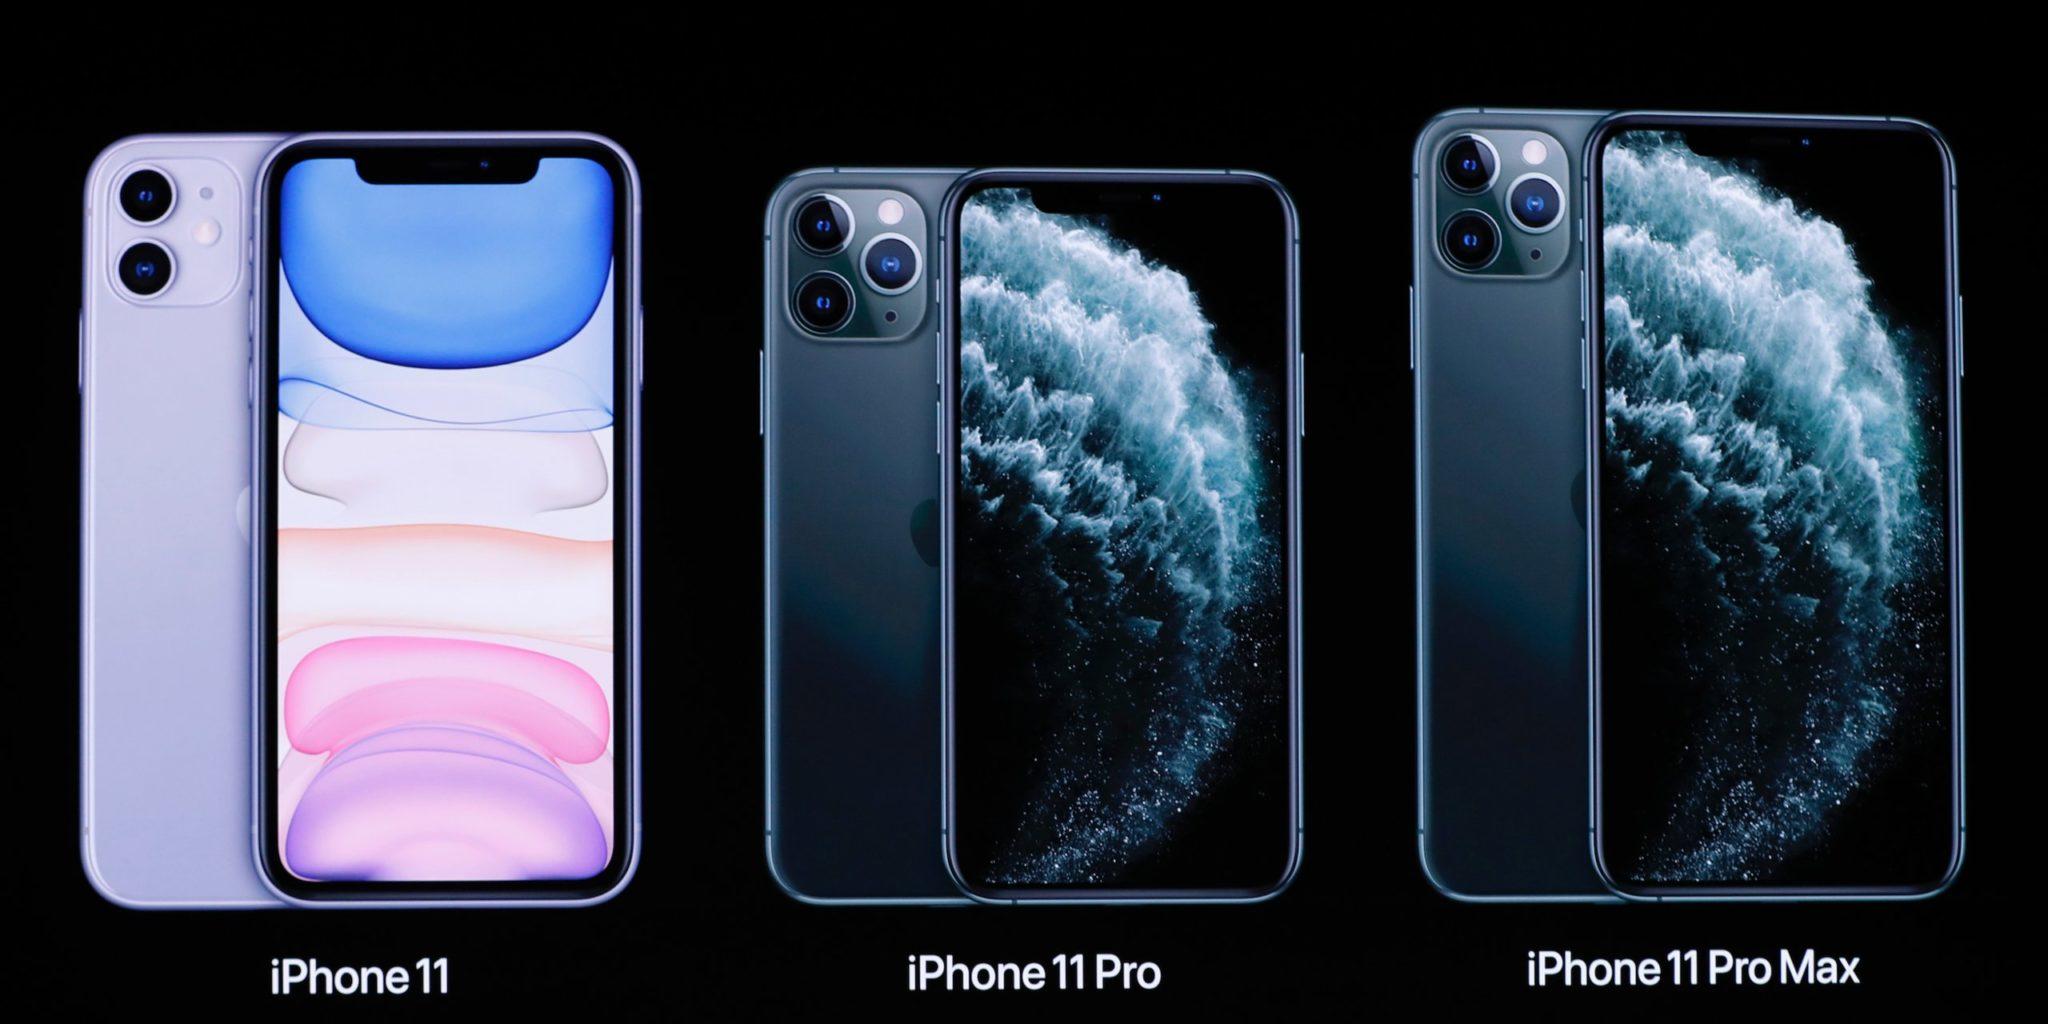 perbandingan spesifikasi iphone 11 pro dan pro max » Ini Perbandingan Spesifikasi iPhone 11, Pro, dan Pro Max